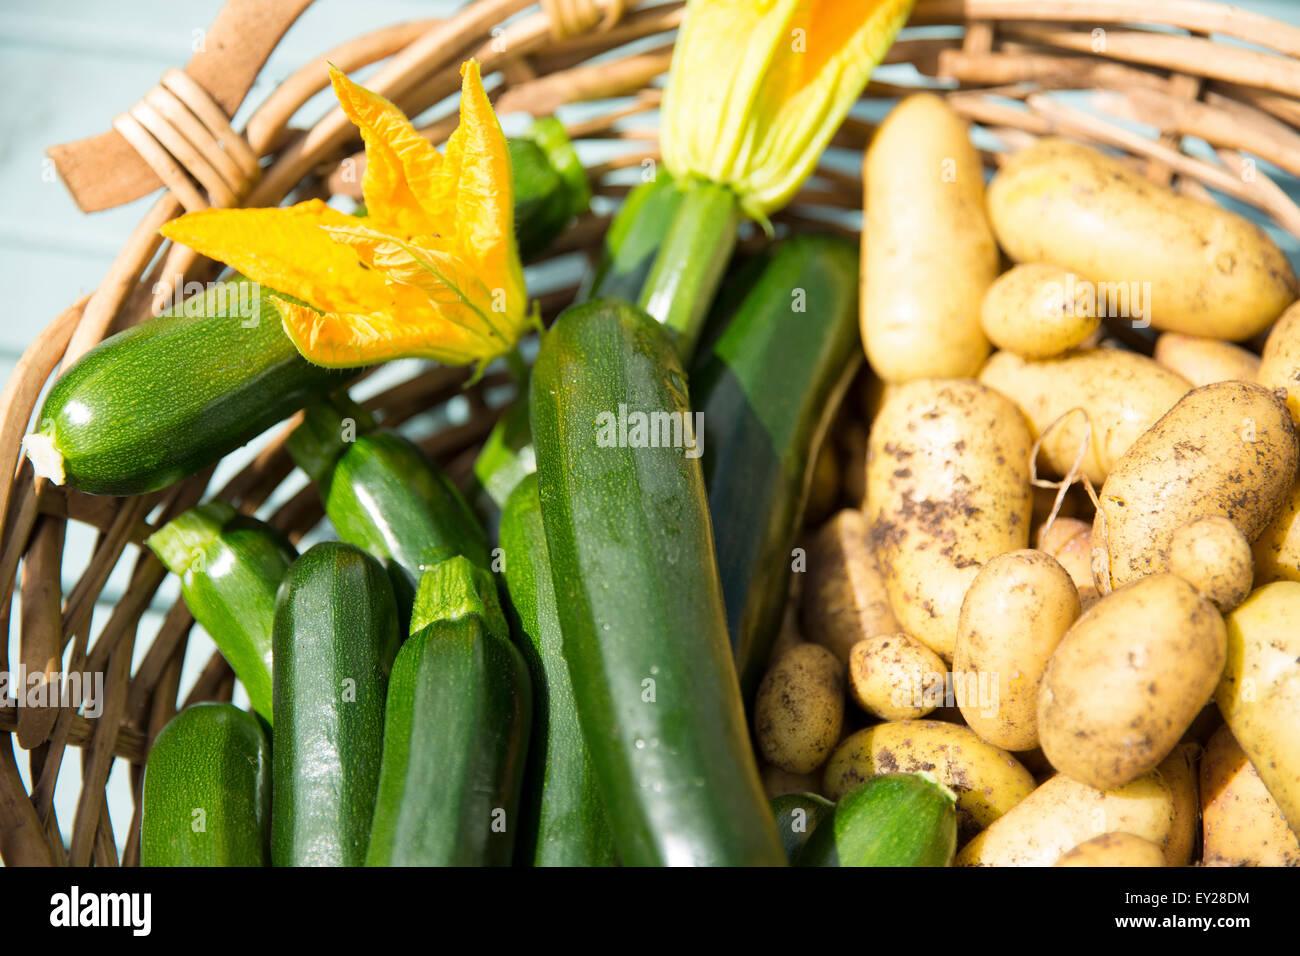 Home produce garden - Home Produce From Garden